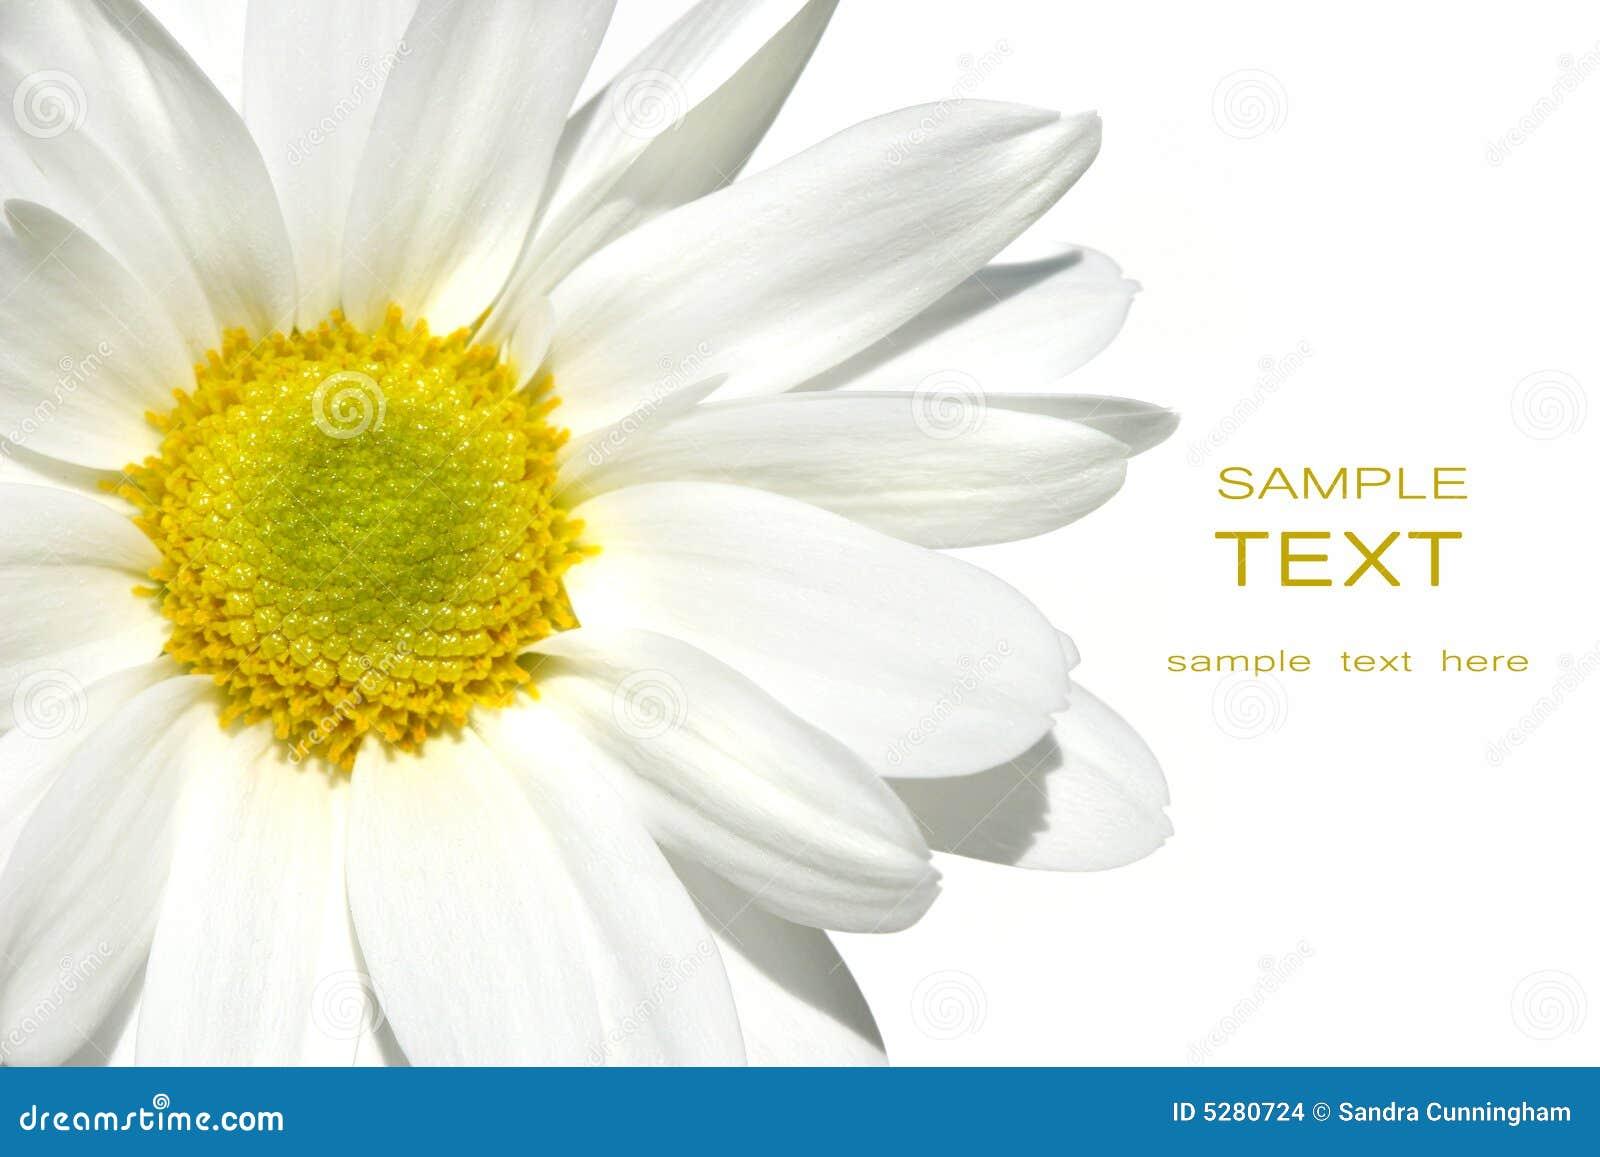 White shasta daisy on white